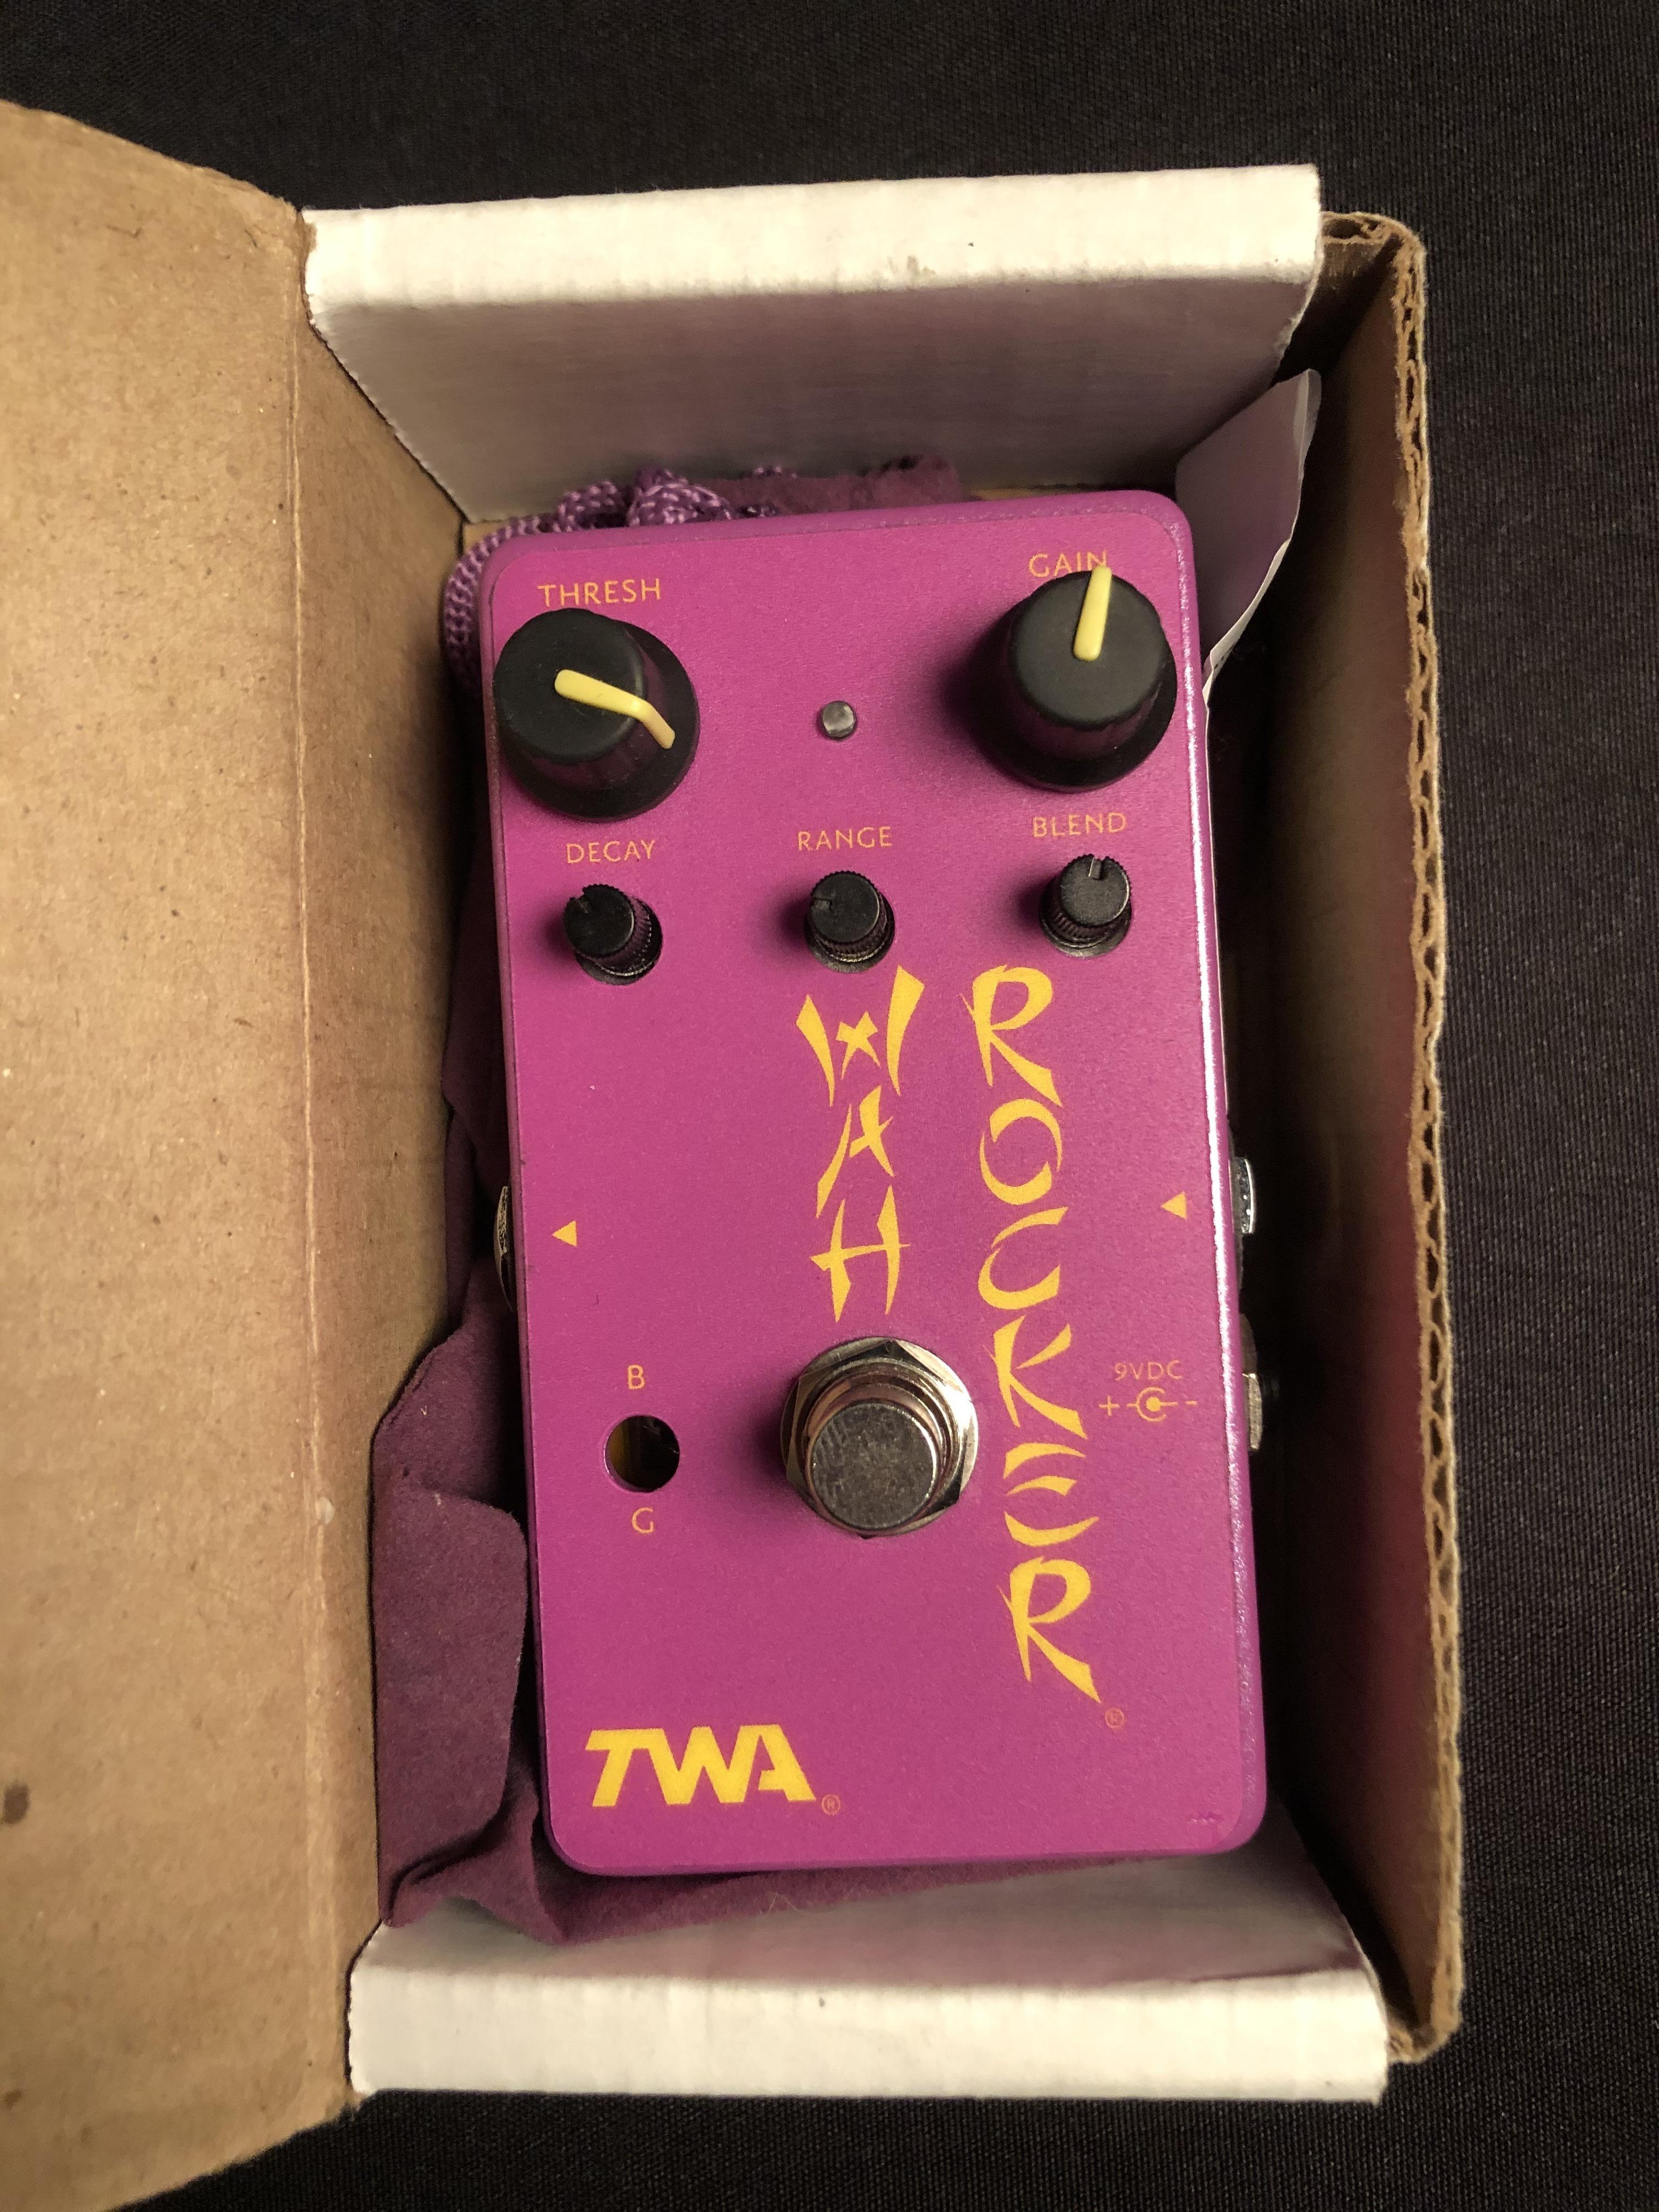 TWA - Wah Rocker Envelope Filter Pedal